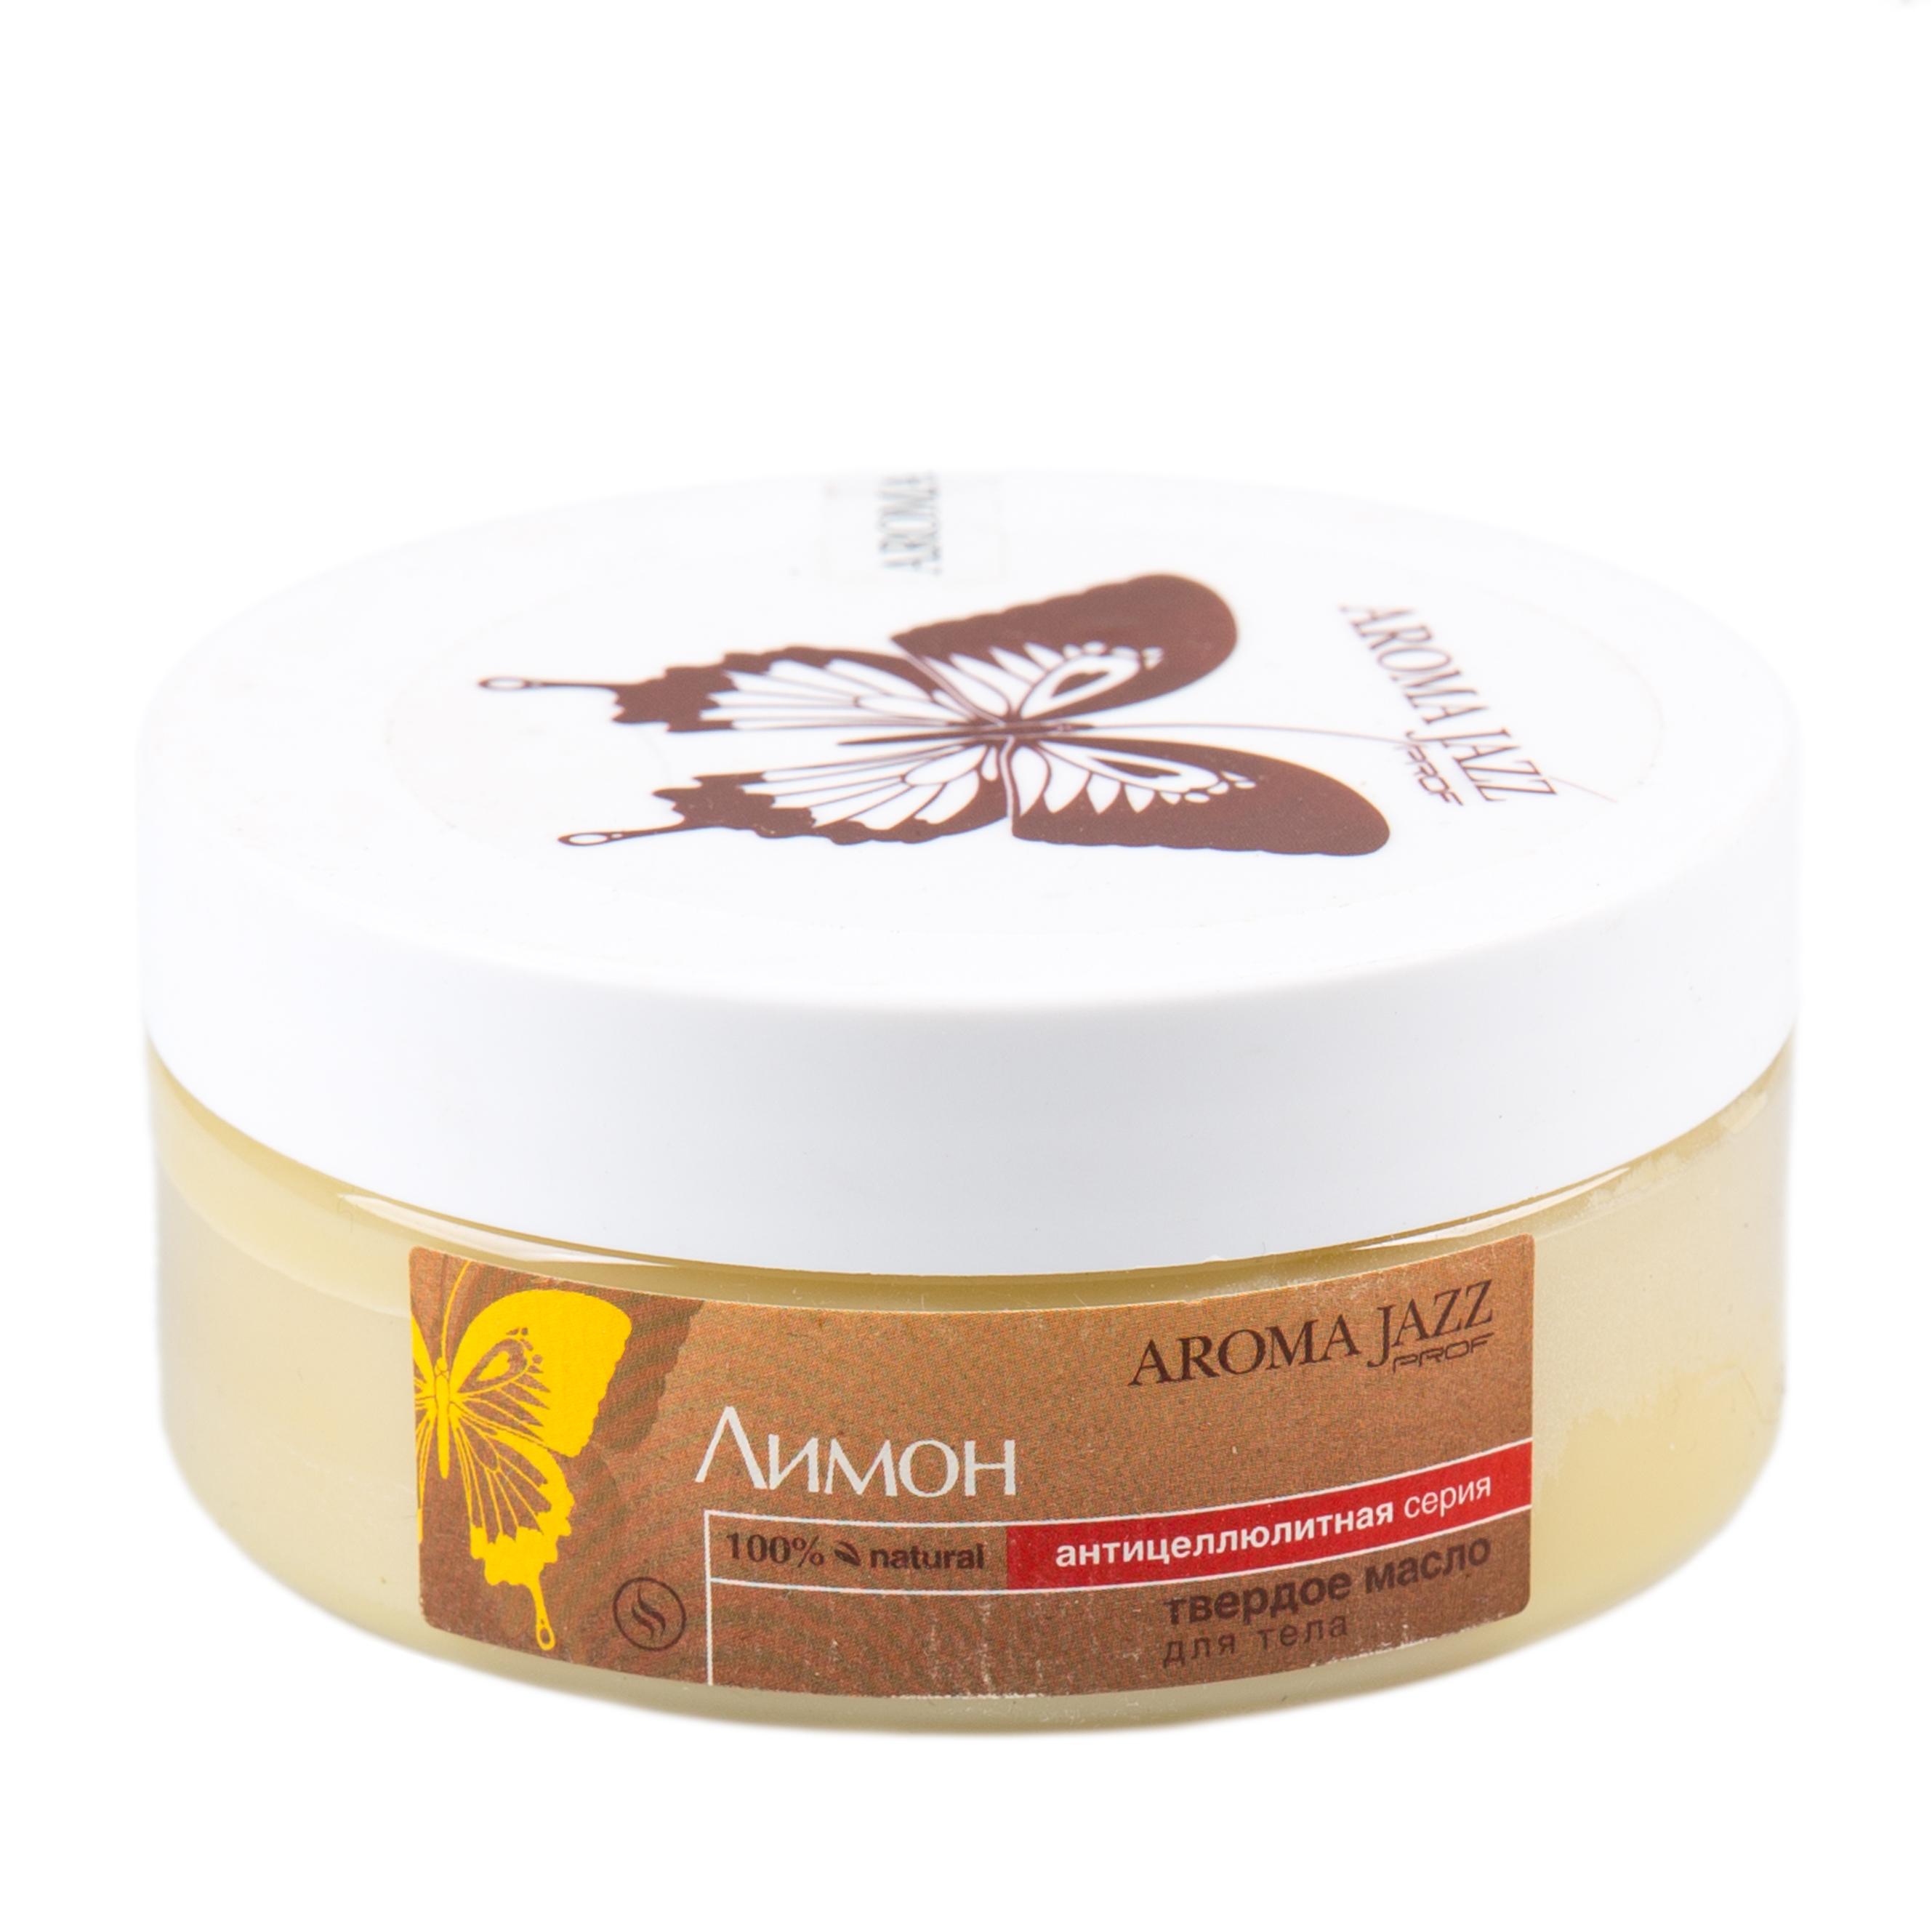 AROMA JAZZ Масло твердое Лимон 150млМасла<br>Твердое масло для тела. Антицеллюлитная серия. Действие: масло способствует сжиганию подкожного жира, повышает мышечный тонус, обладает легким осветляющим действием, уменьшает рельеф растяжек, защищает от негативного воздействия окружающей среды Активные ингредиенты: масло кокоса, какао, оливы, авокадо; экстракты горчицы; эфирное масло лимона, розмарина,пчелиный воск. Способ применения: рекомендовано для проведения любого вида массажа,увлажнения и питания кожи после душа, горячих ванн и SPA-процедур в салоне и дома; великолепно в антицеллюлитных обертываниях; рекомендуется использовать одноразовое белье. Противопоказания: индивидуальная непереносимость компонентов<br><br>Вид средства для тела: Антицеллюлитный